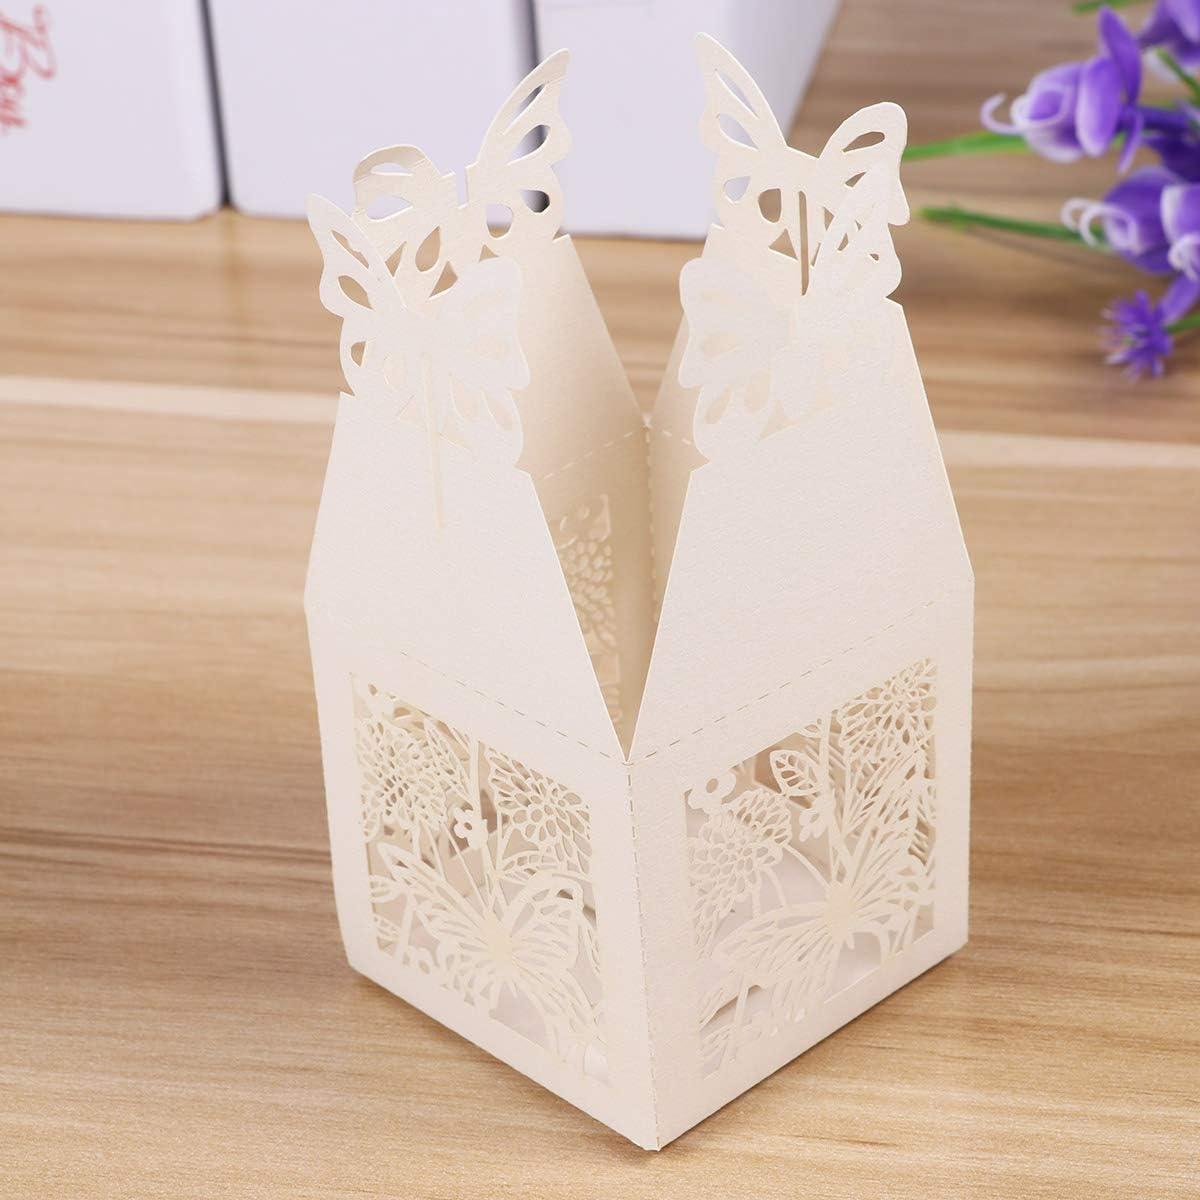 STOBOK Geschenkboxen Aush/öhlen Schmetterling Kraftpapier S/ü/ßigkeiten Box Schachtel DIY Hochzeit Baby Dusche Geburtstag Party 50 St/ück Beige